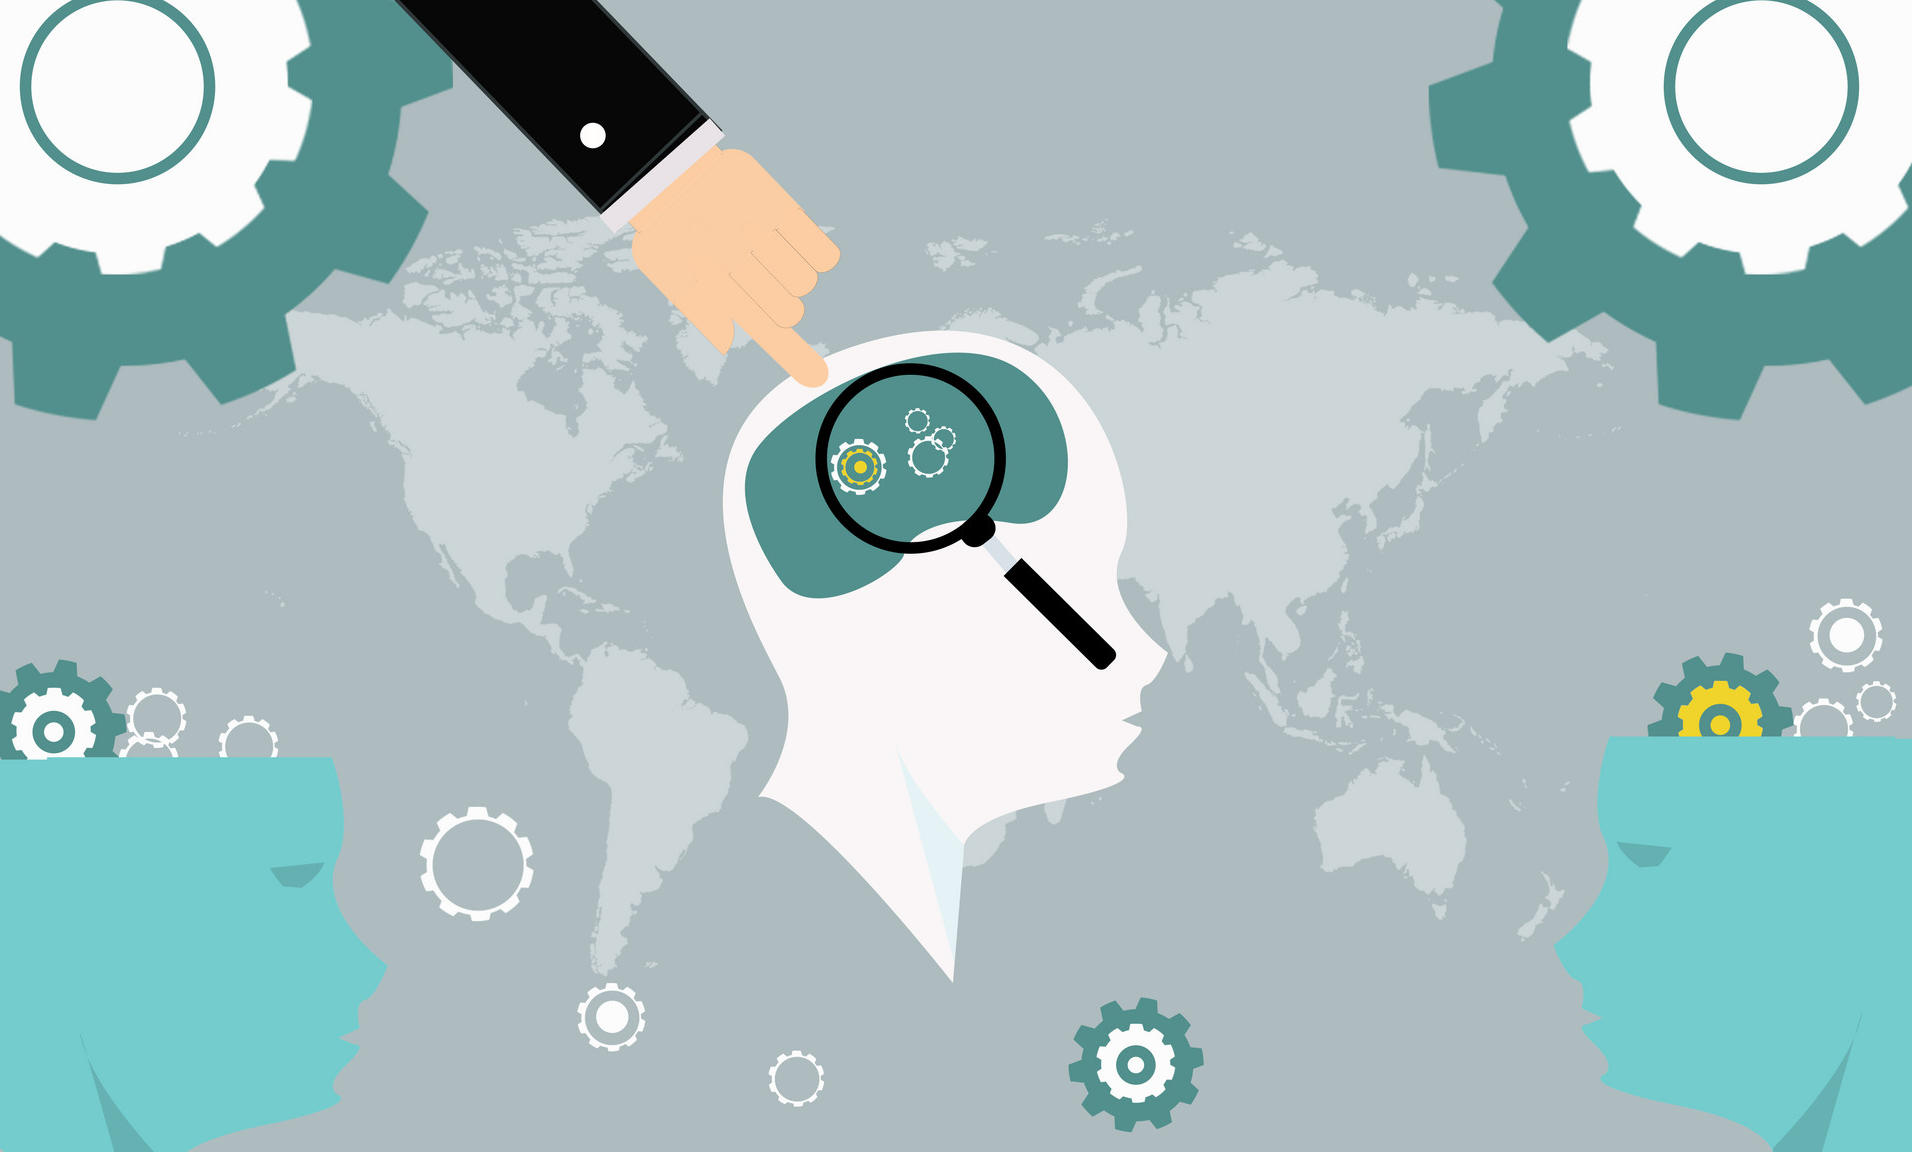 人工智能名片,交流与合作